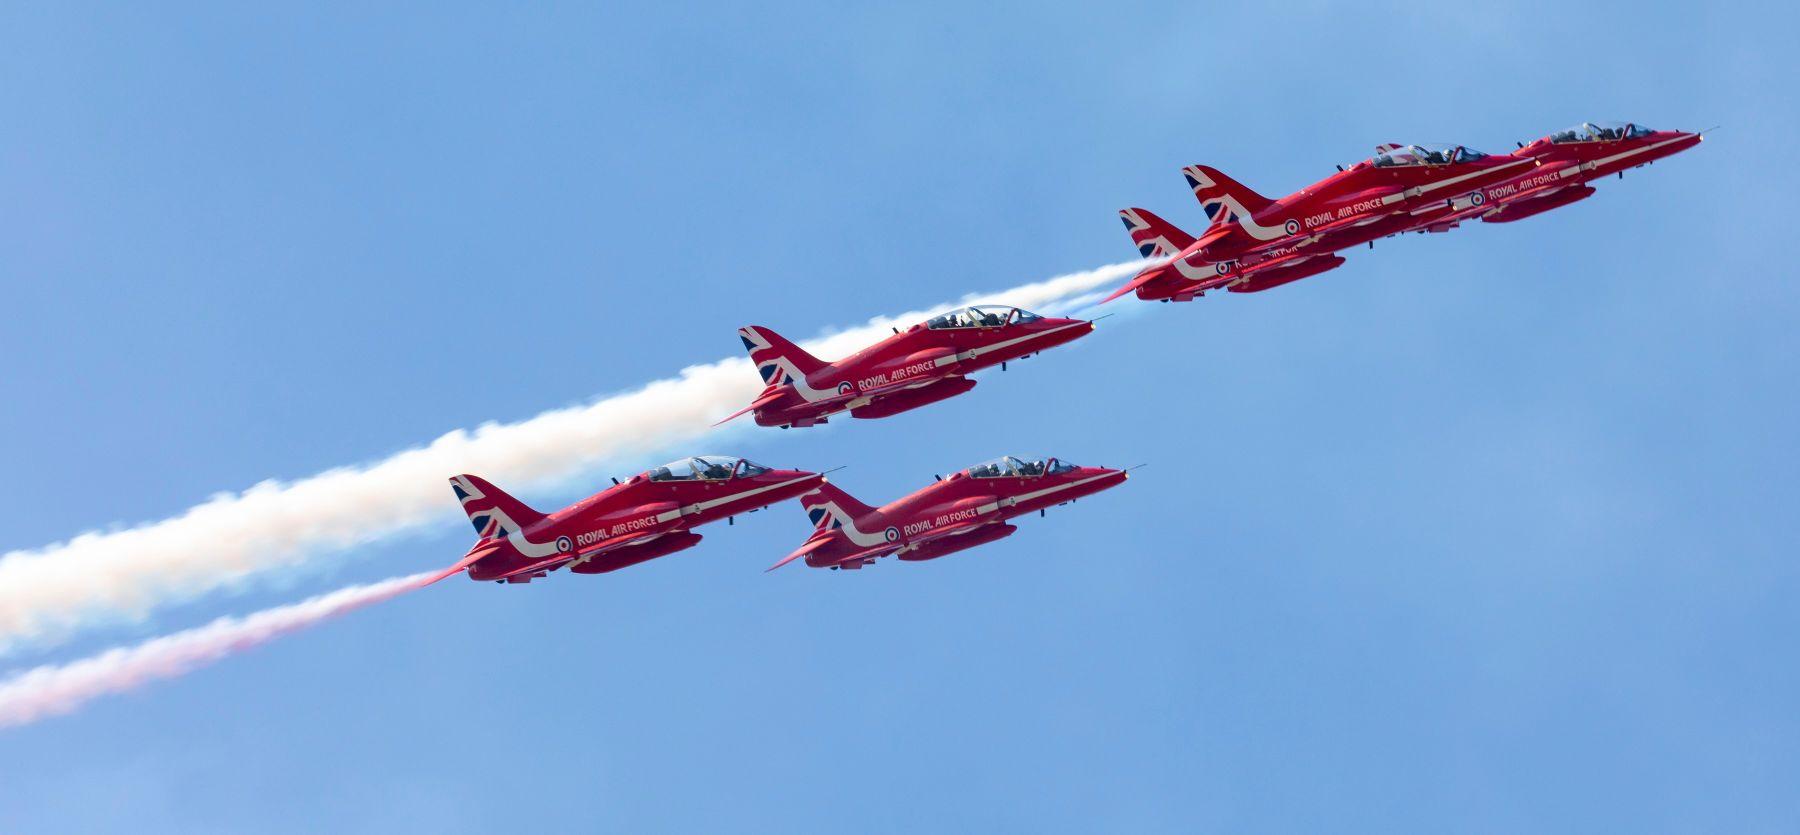 Red Arrows: Στην 114 Πτέρυγα Μάχης το ιστορικό ακροβατικό σμήνος της RAF [pics]